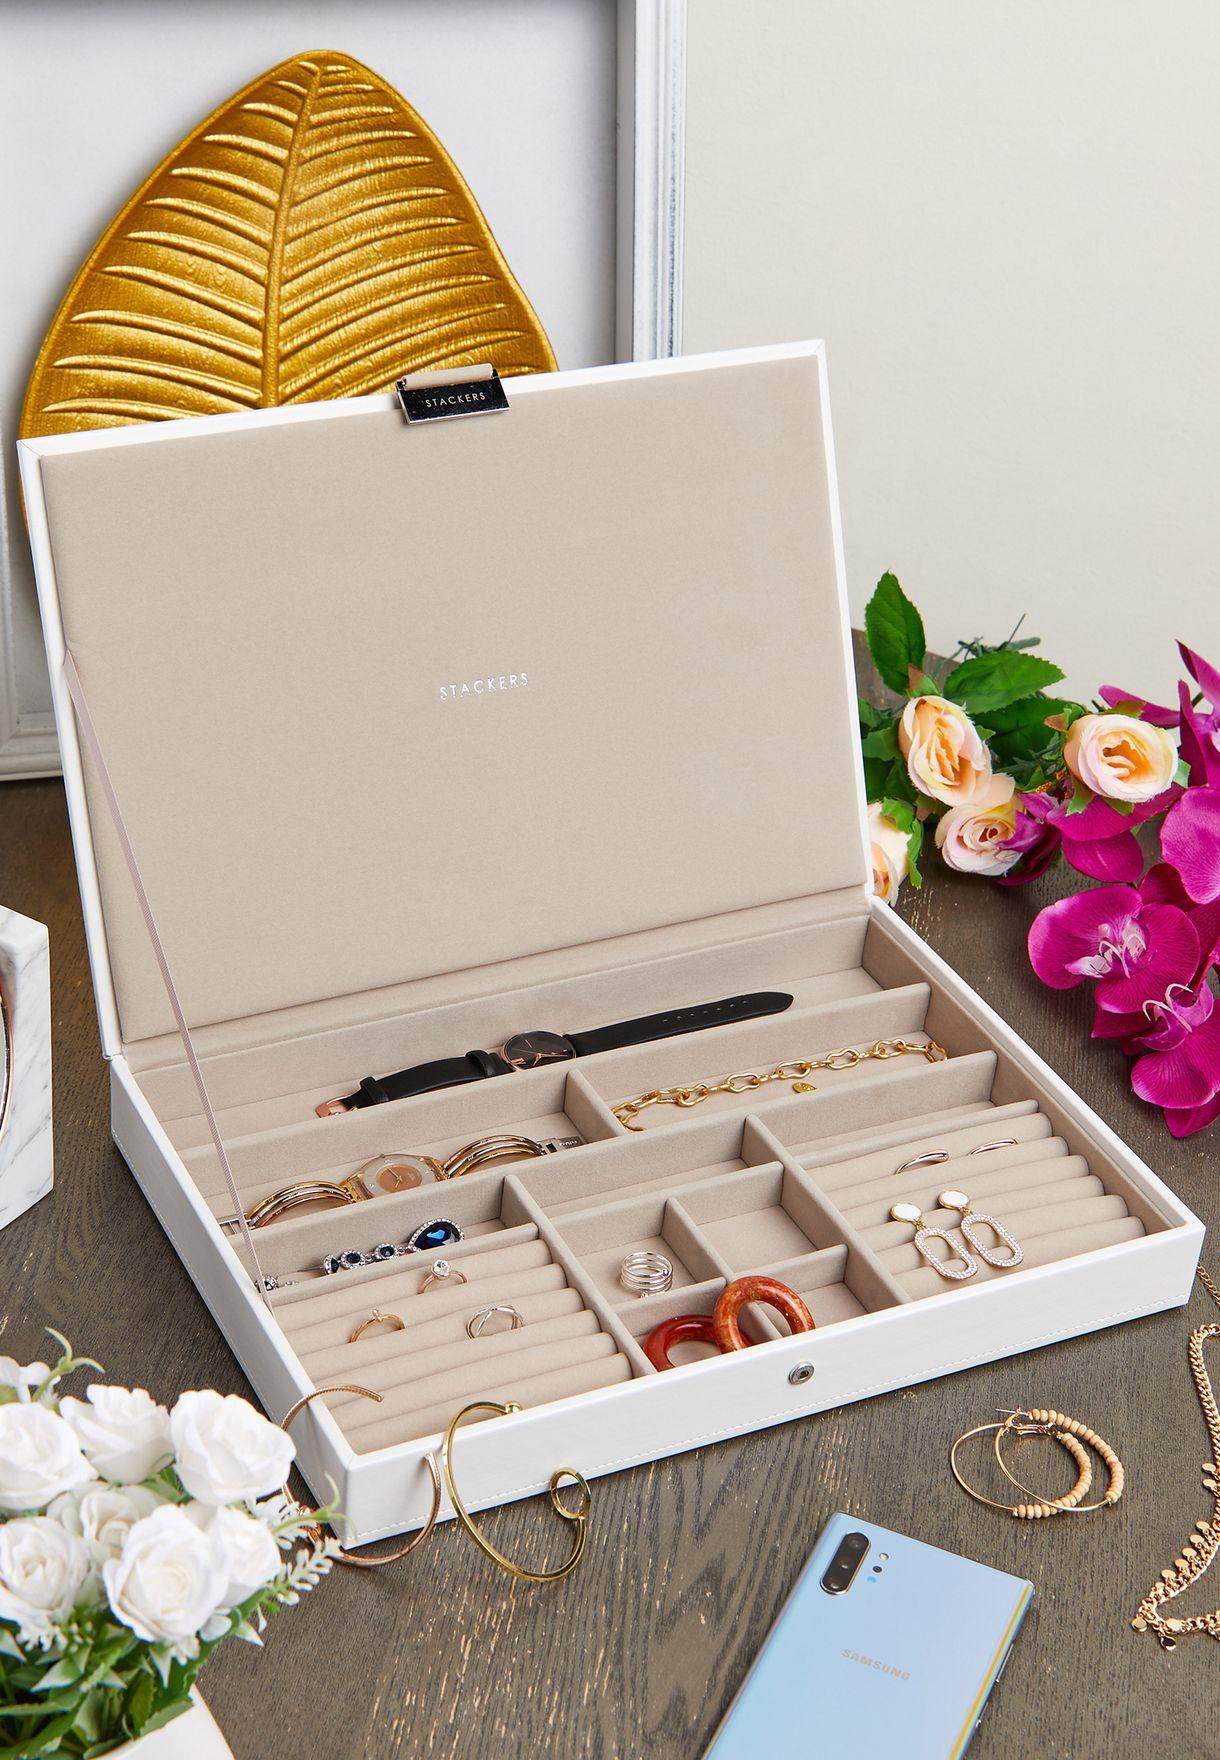 صندوق مجوهرات مع غطاء